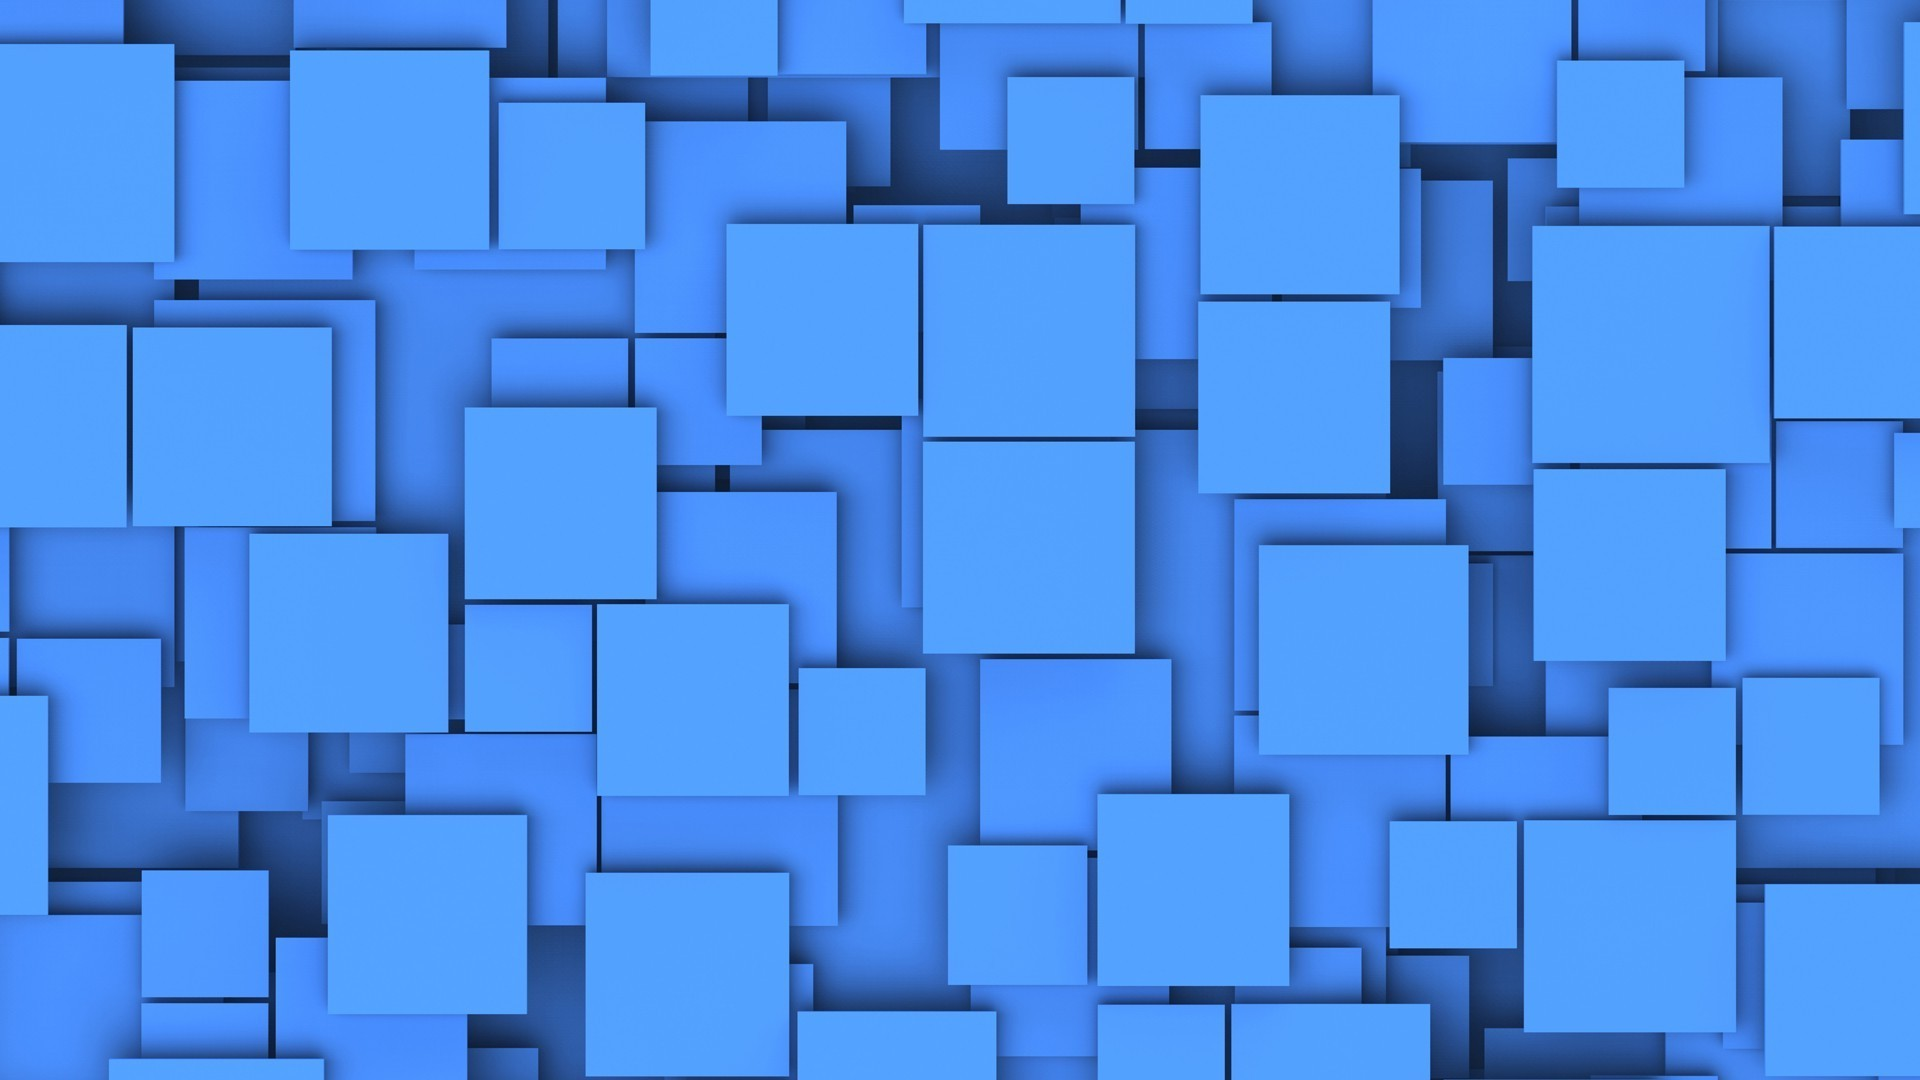 Free Tiles Wallpaper 1920x1080